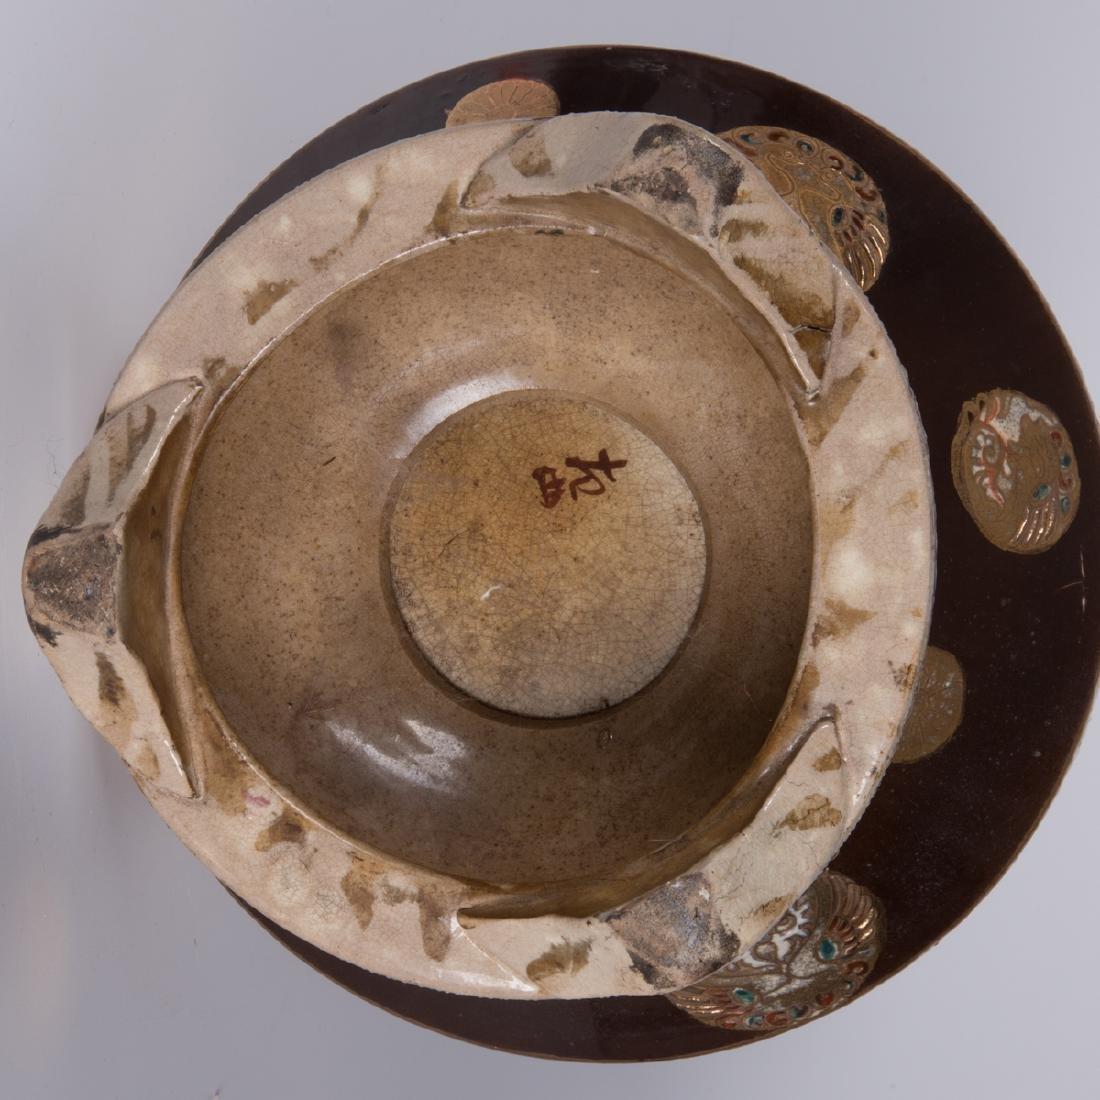 A Japanese Satsuma Porcelain Vase, 20th Century, - 5